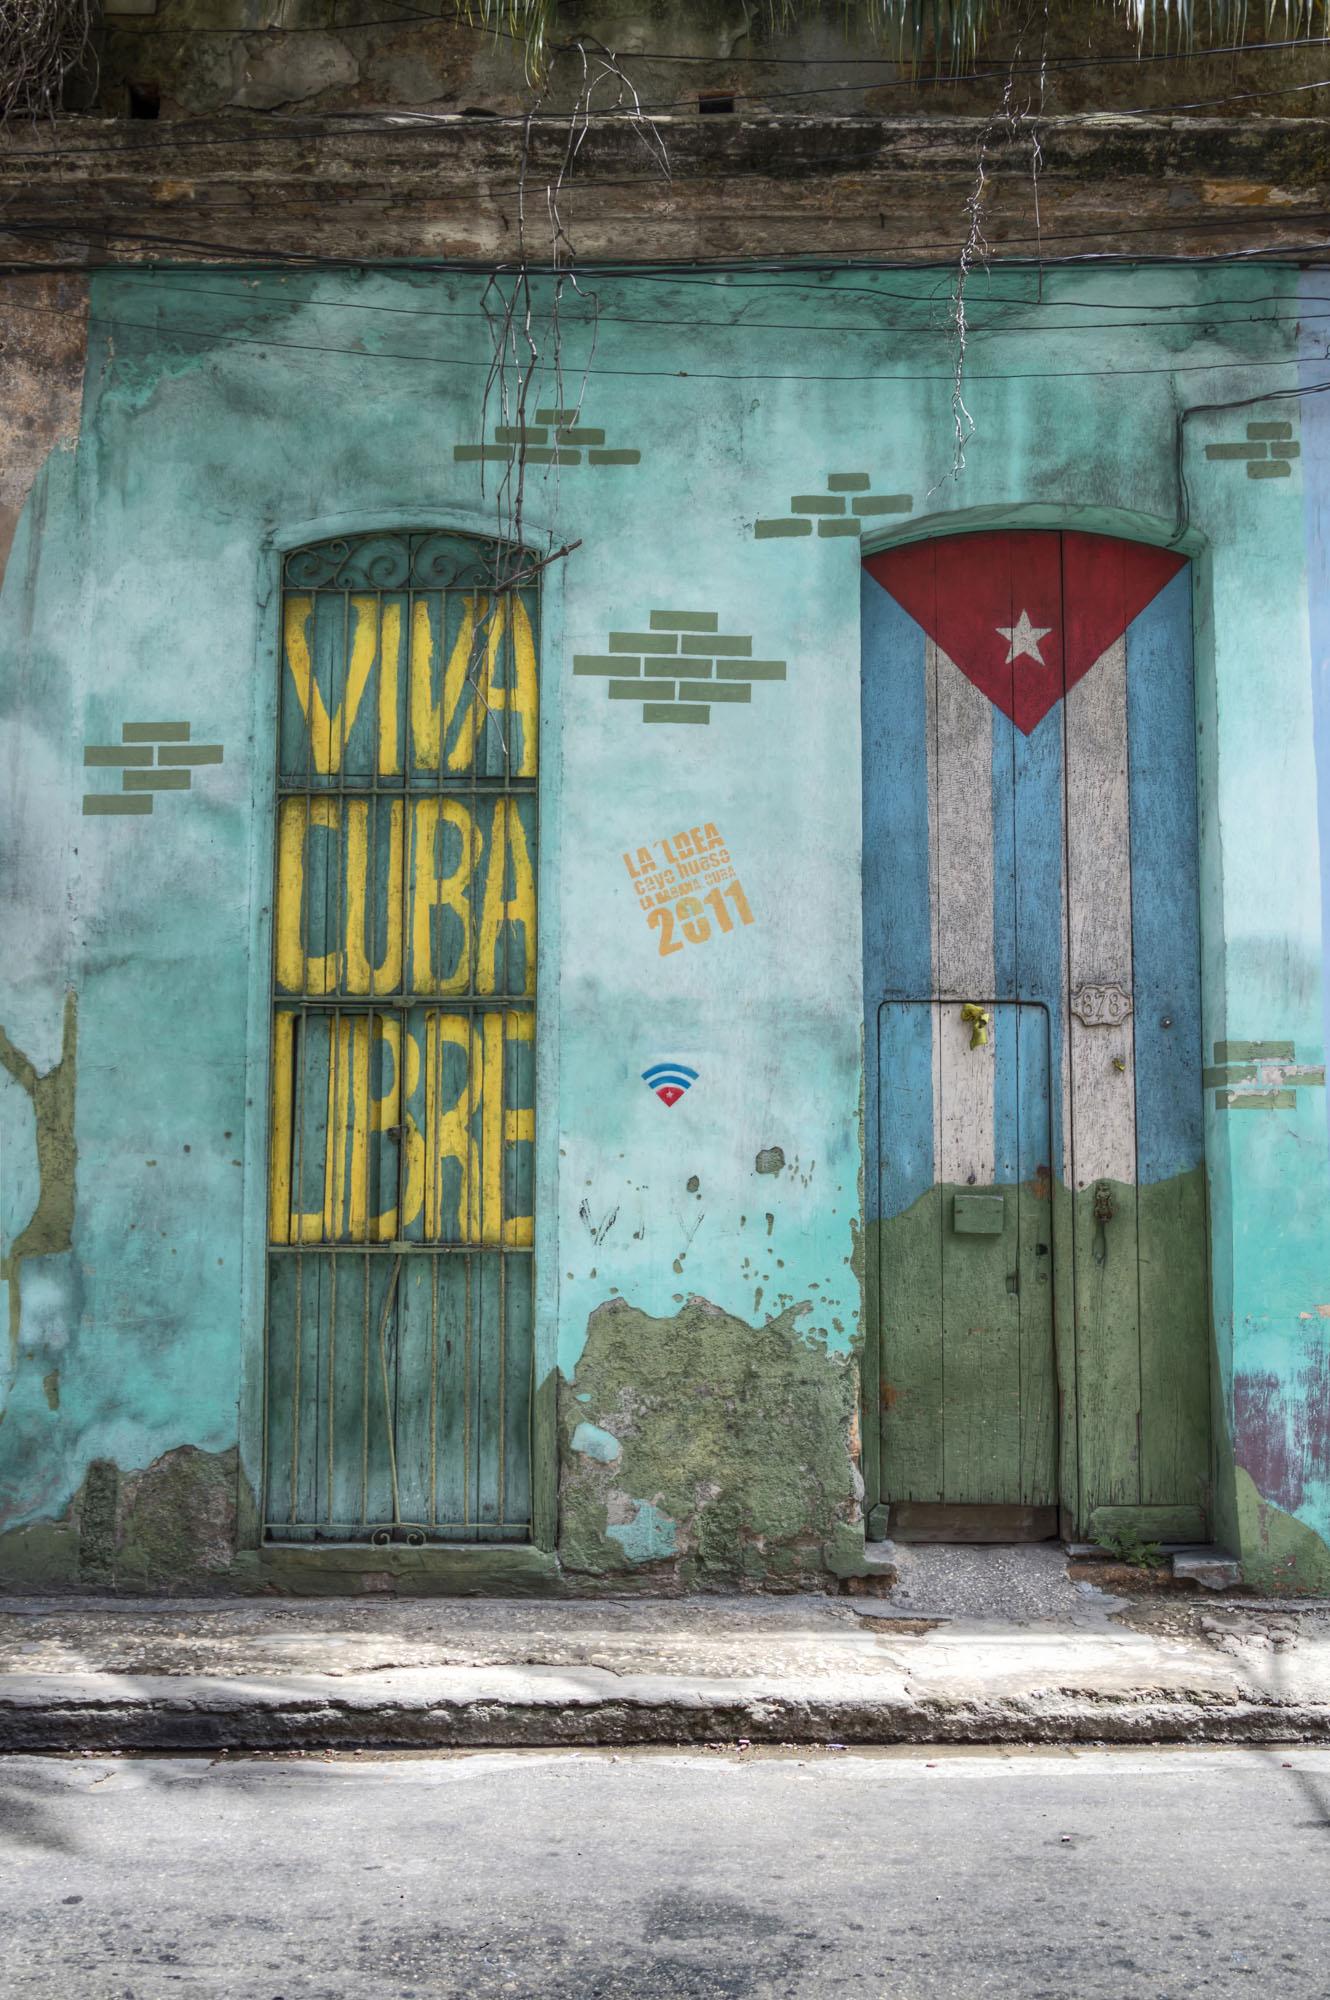 Viva Cuba - Kuba Rundreise